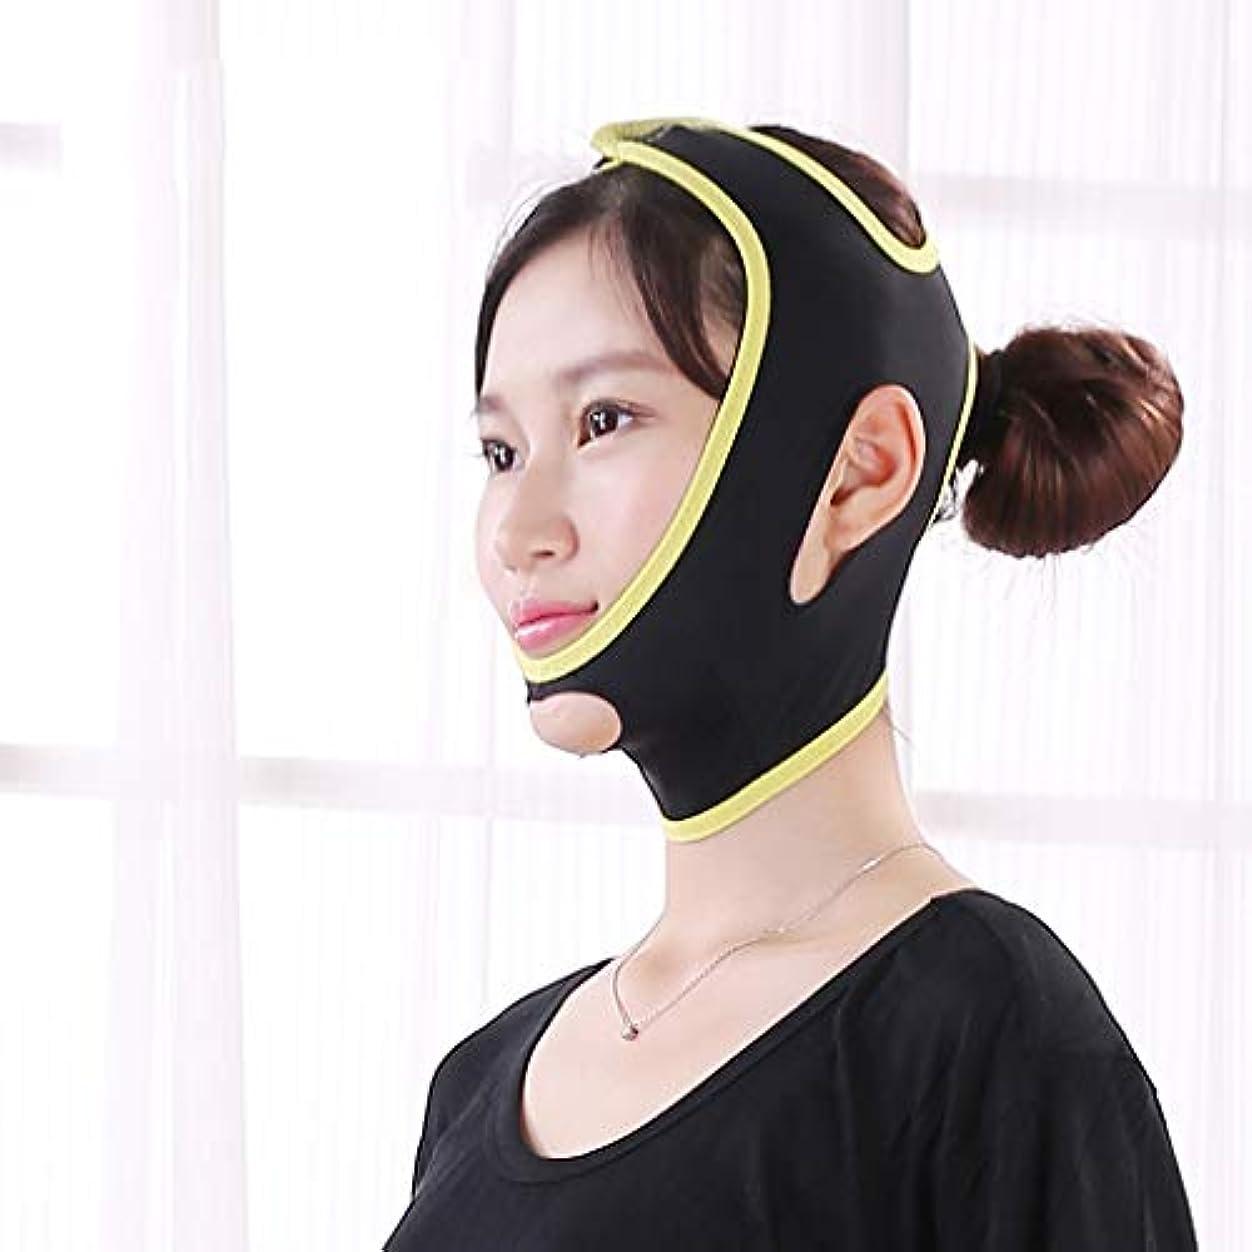 拳ワット賢い顔のバンデージVフェイスリフティングダブルチン小さな顔のシェイピングベルト薄いマテリアルマスク